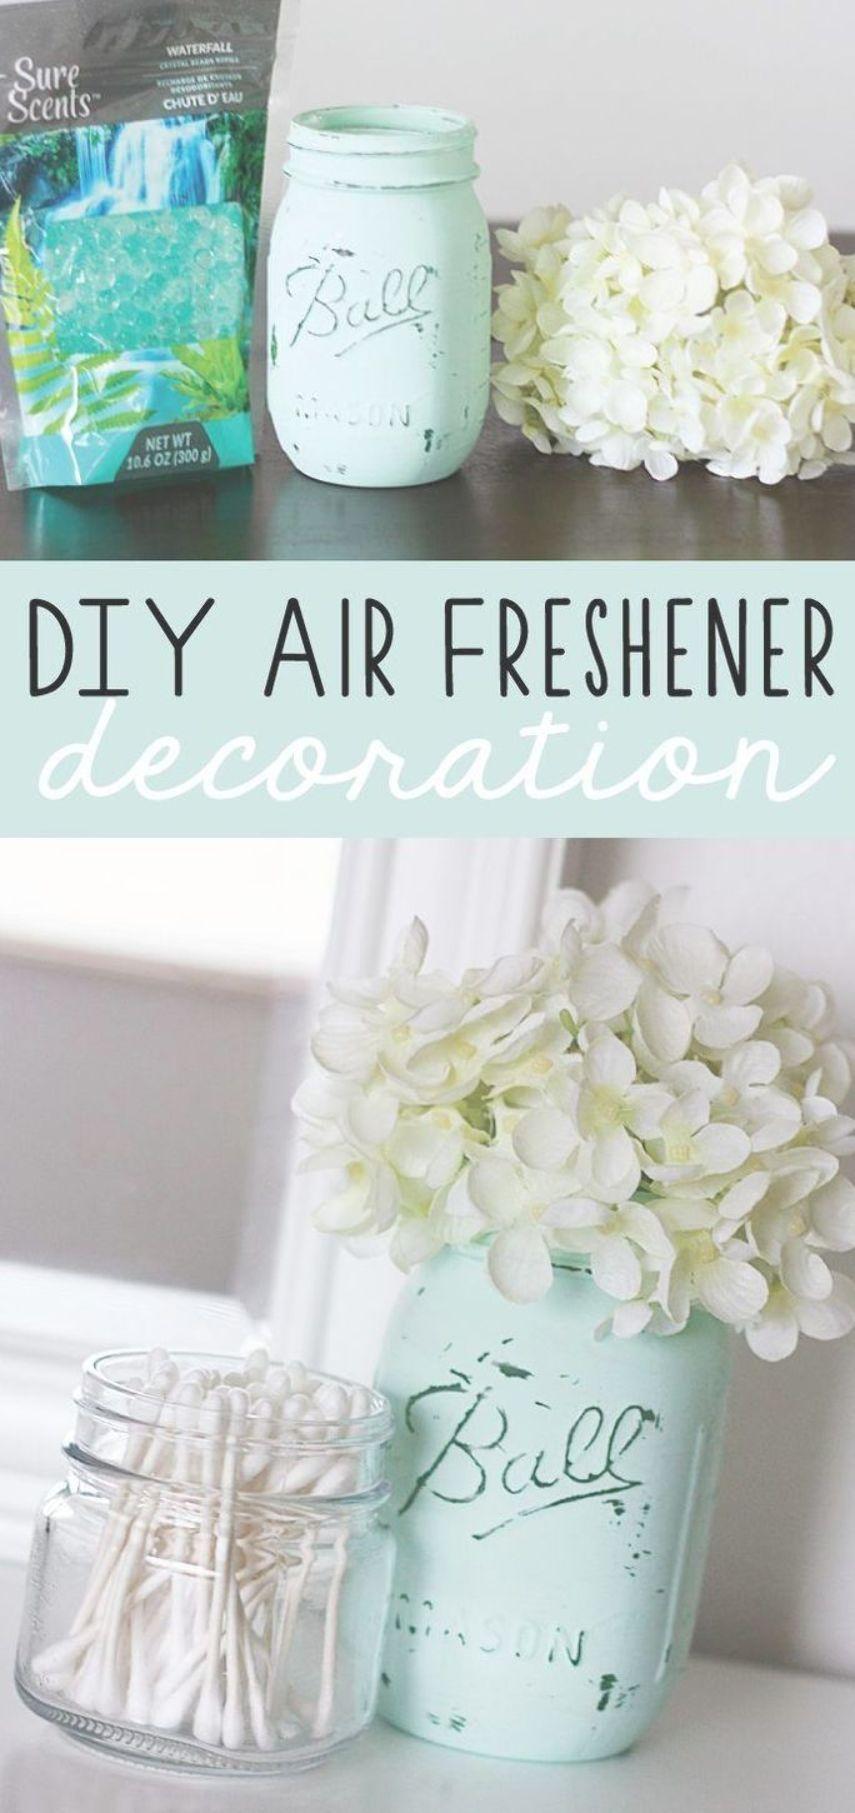 Diy Air Freshener Decoration Diy Lufterfrischer Lufterfrischer Dekoration